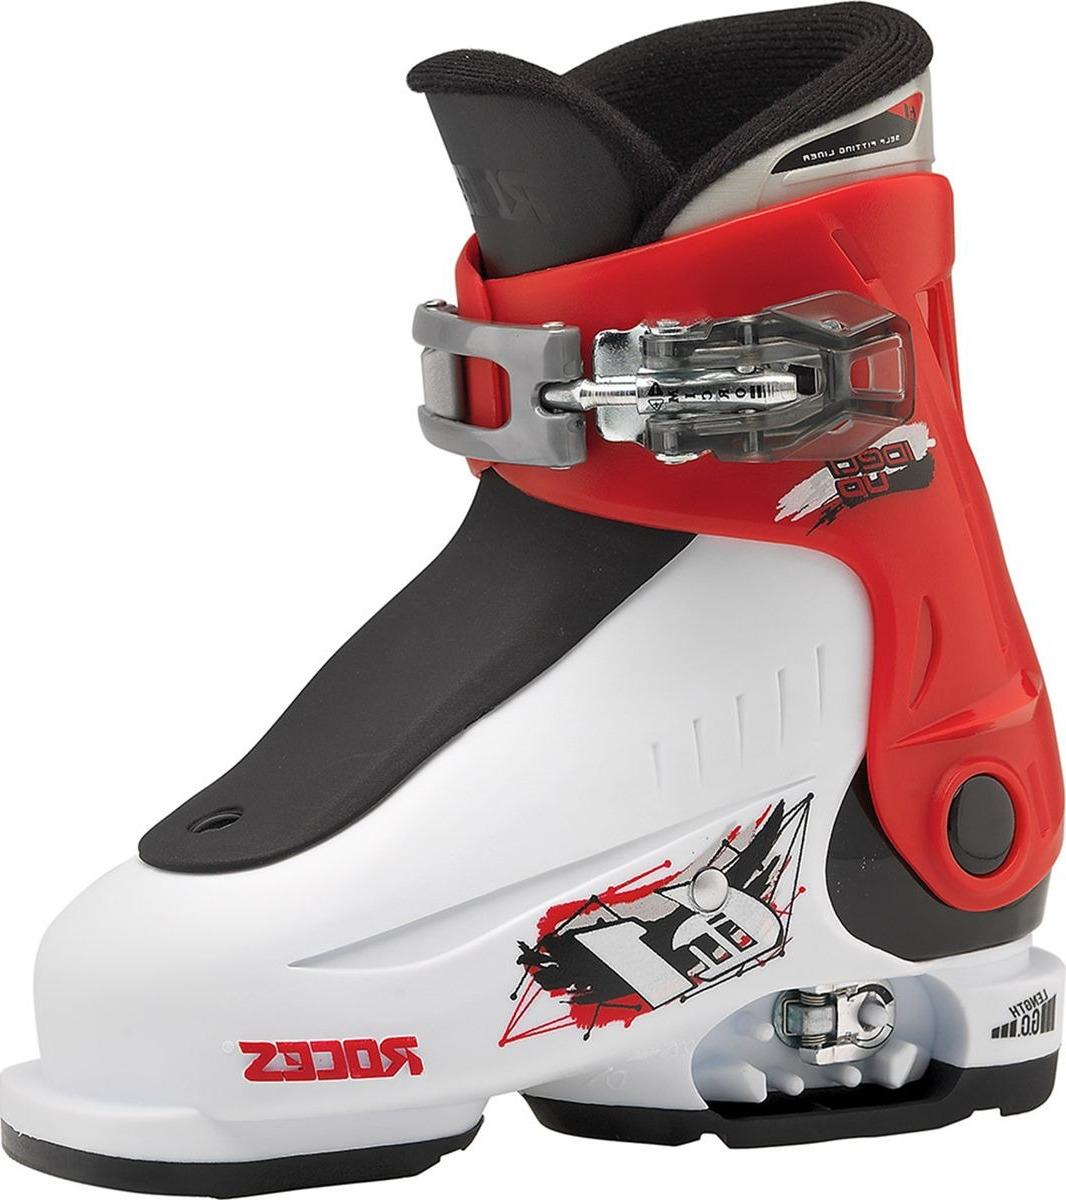 Ботинки горнолыжные для мальчика Roces IDEA, цвет: белый, красный. 450490. Размер 16/18.5